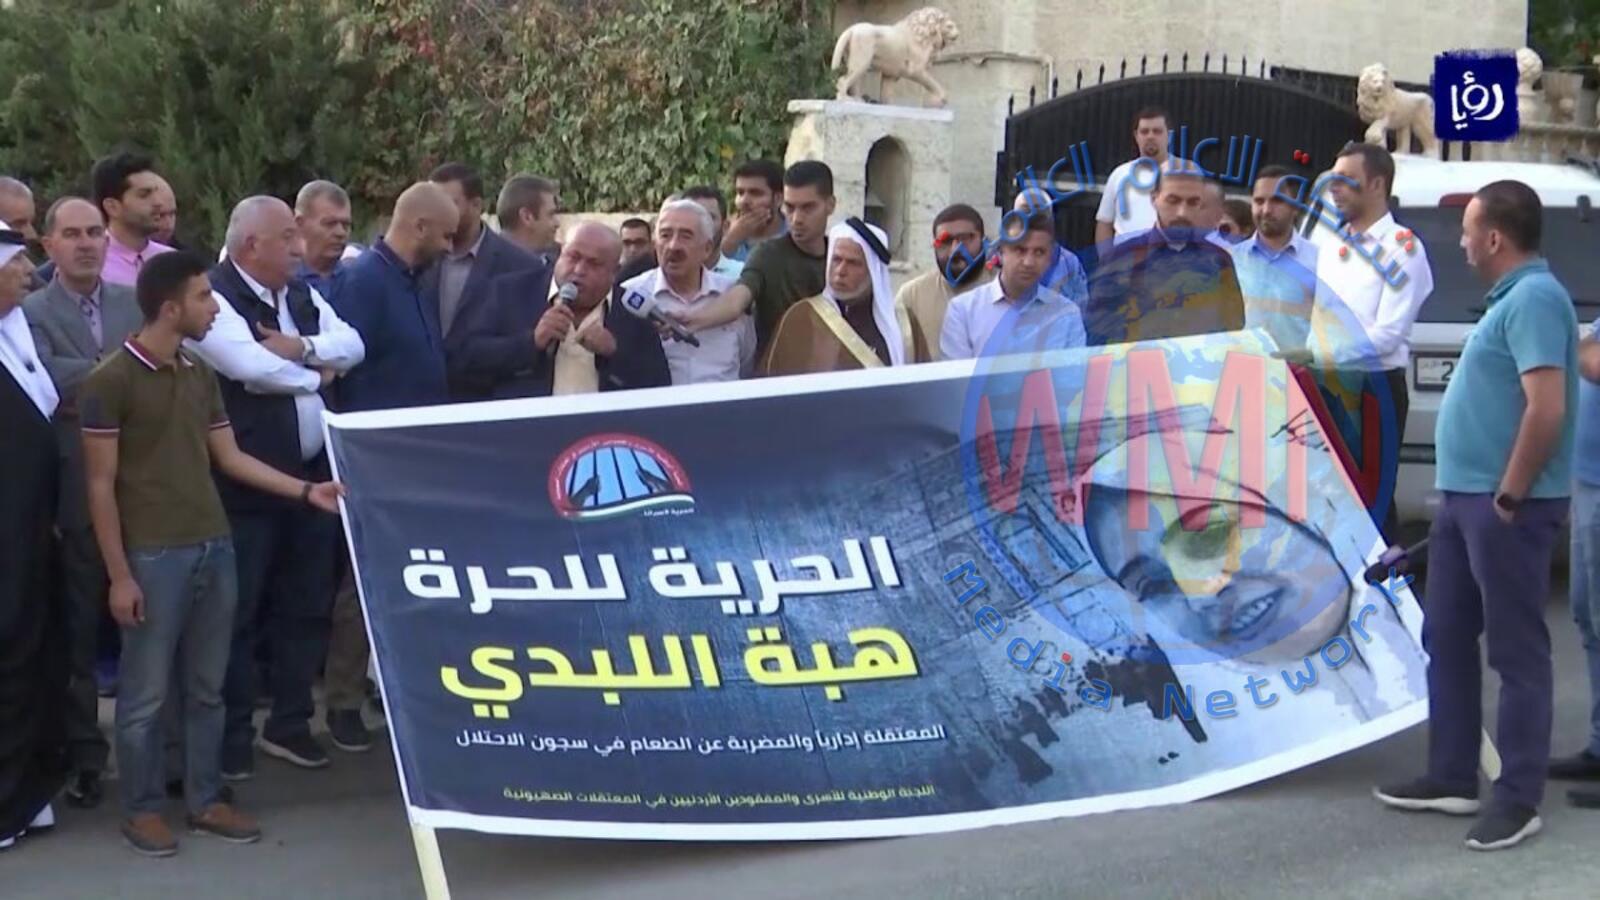 الاحتلال الاسرائيلي تقمع تظاهرة متضامنة مع الاسرى الفلسطينيين